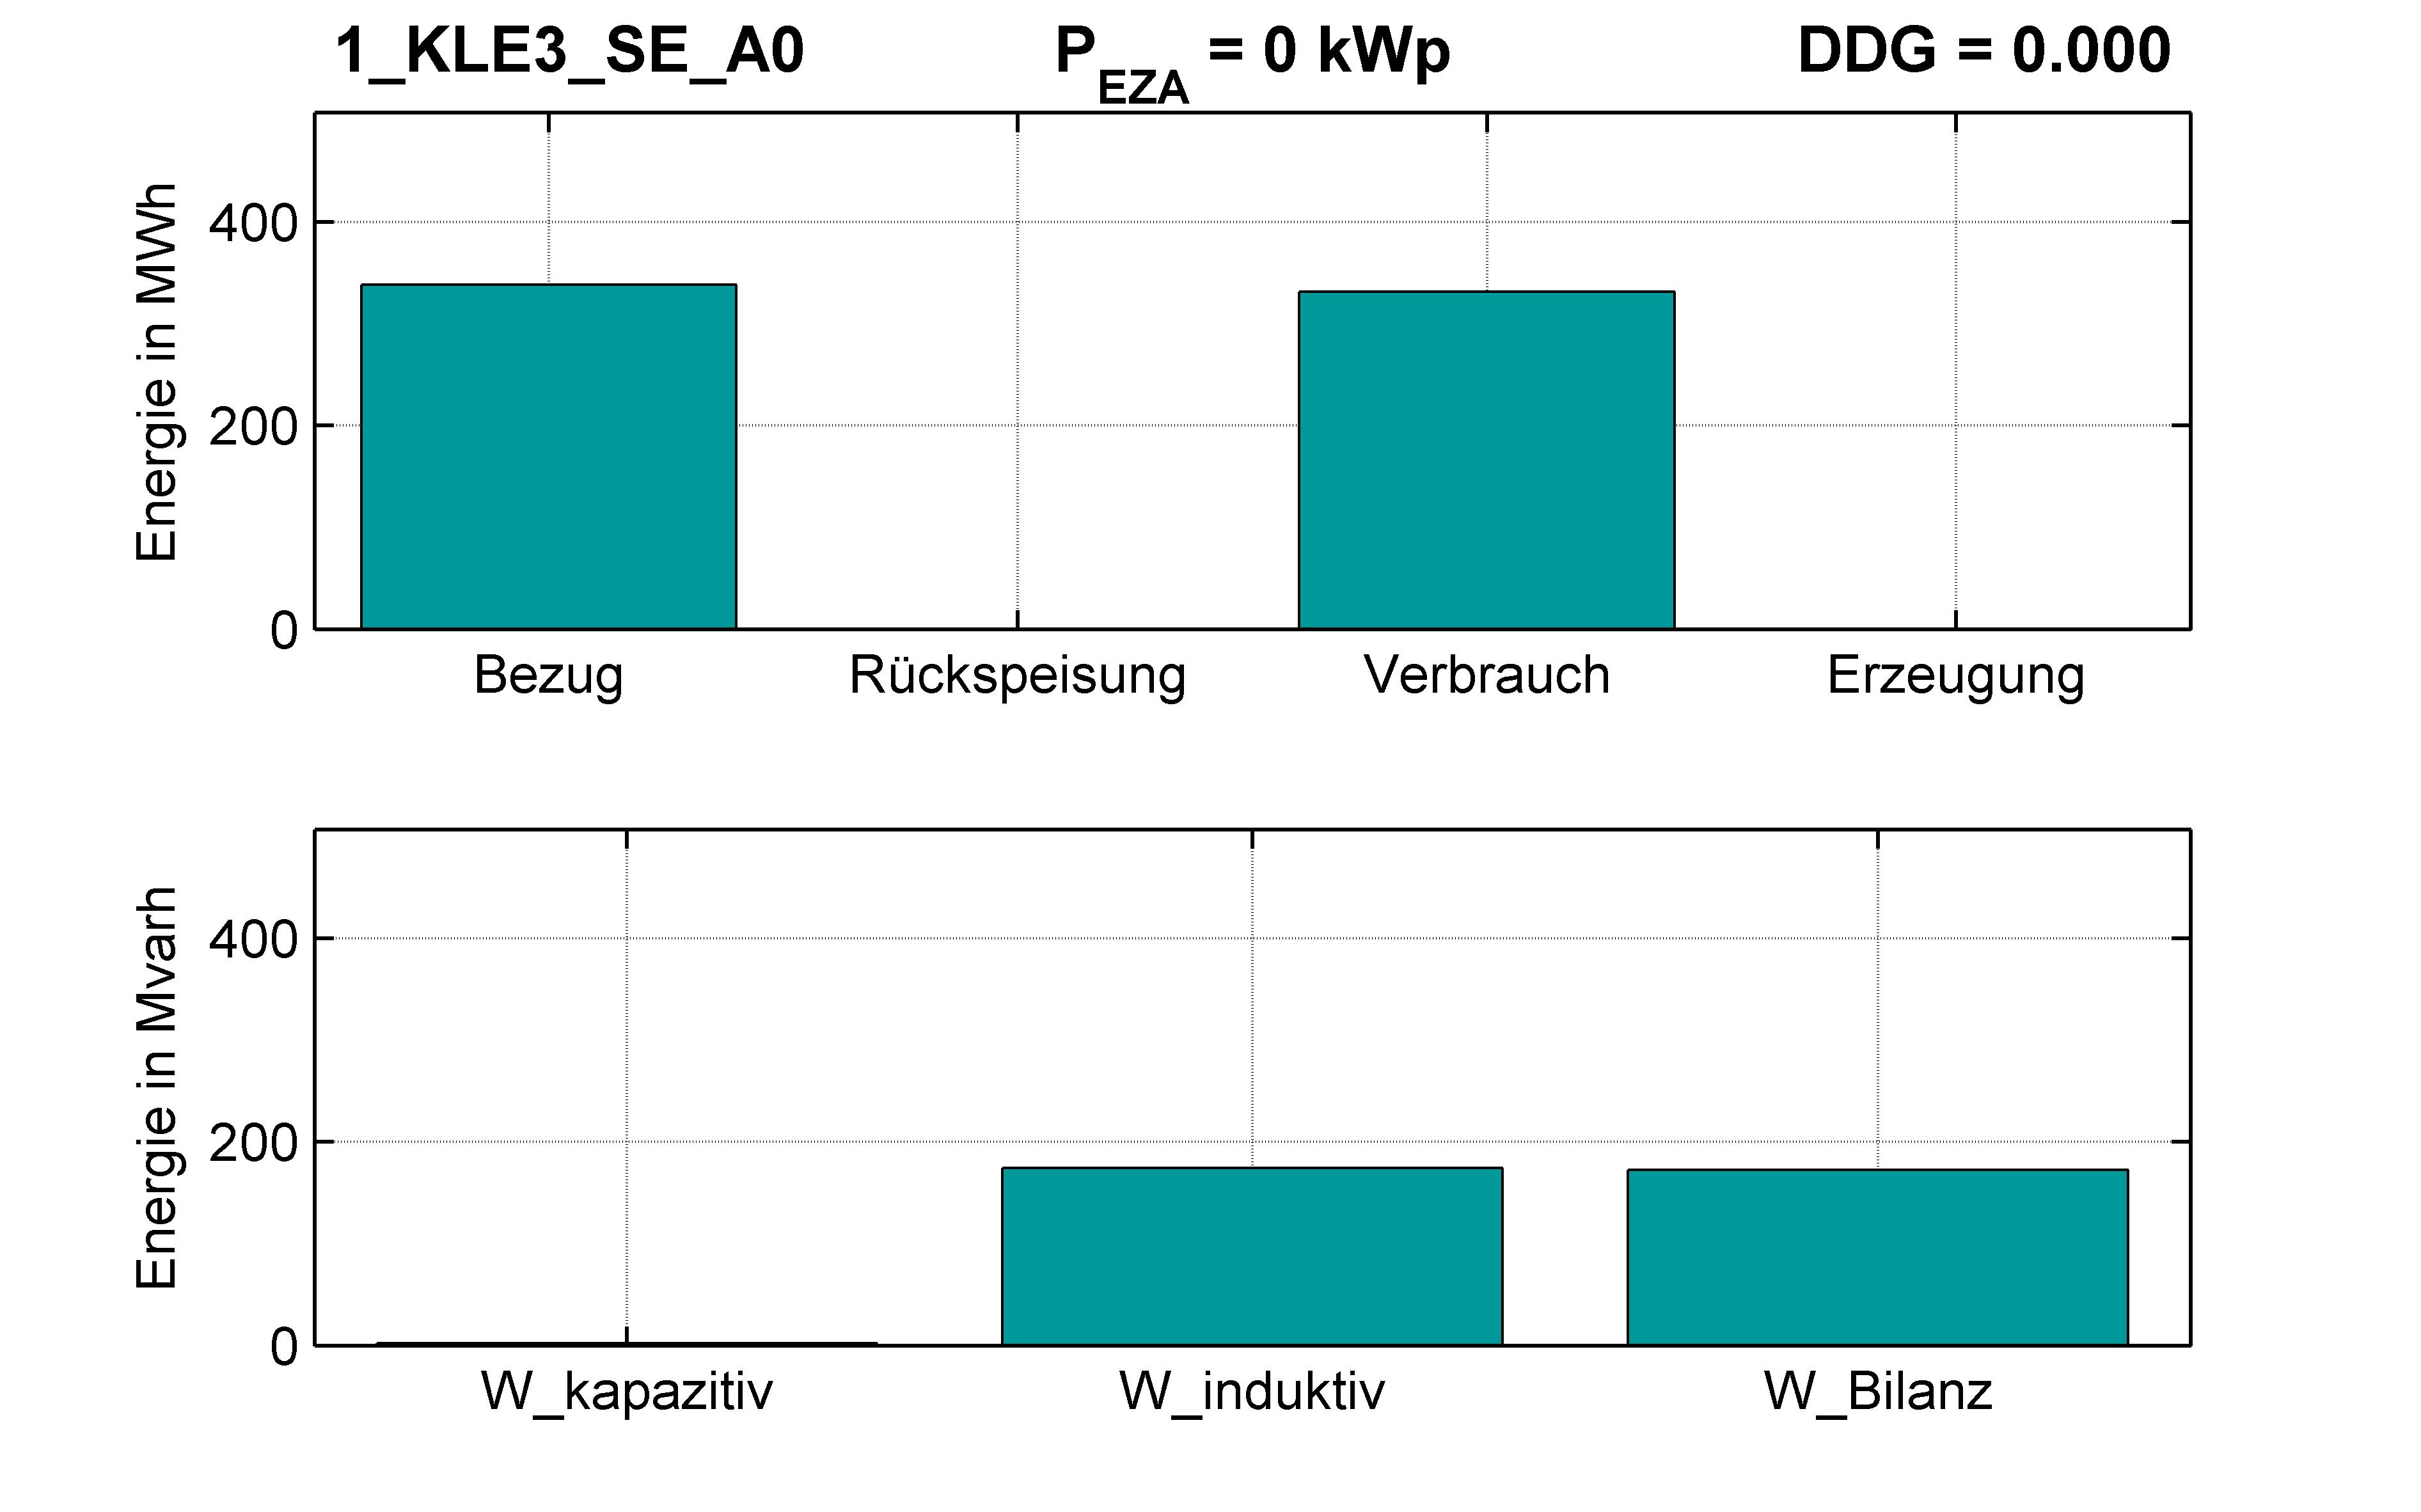 KLE3 | KABEL (SE) A0 | PQ-Bilanz